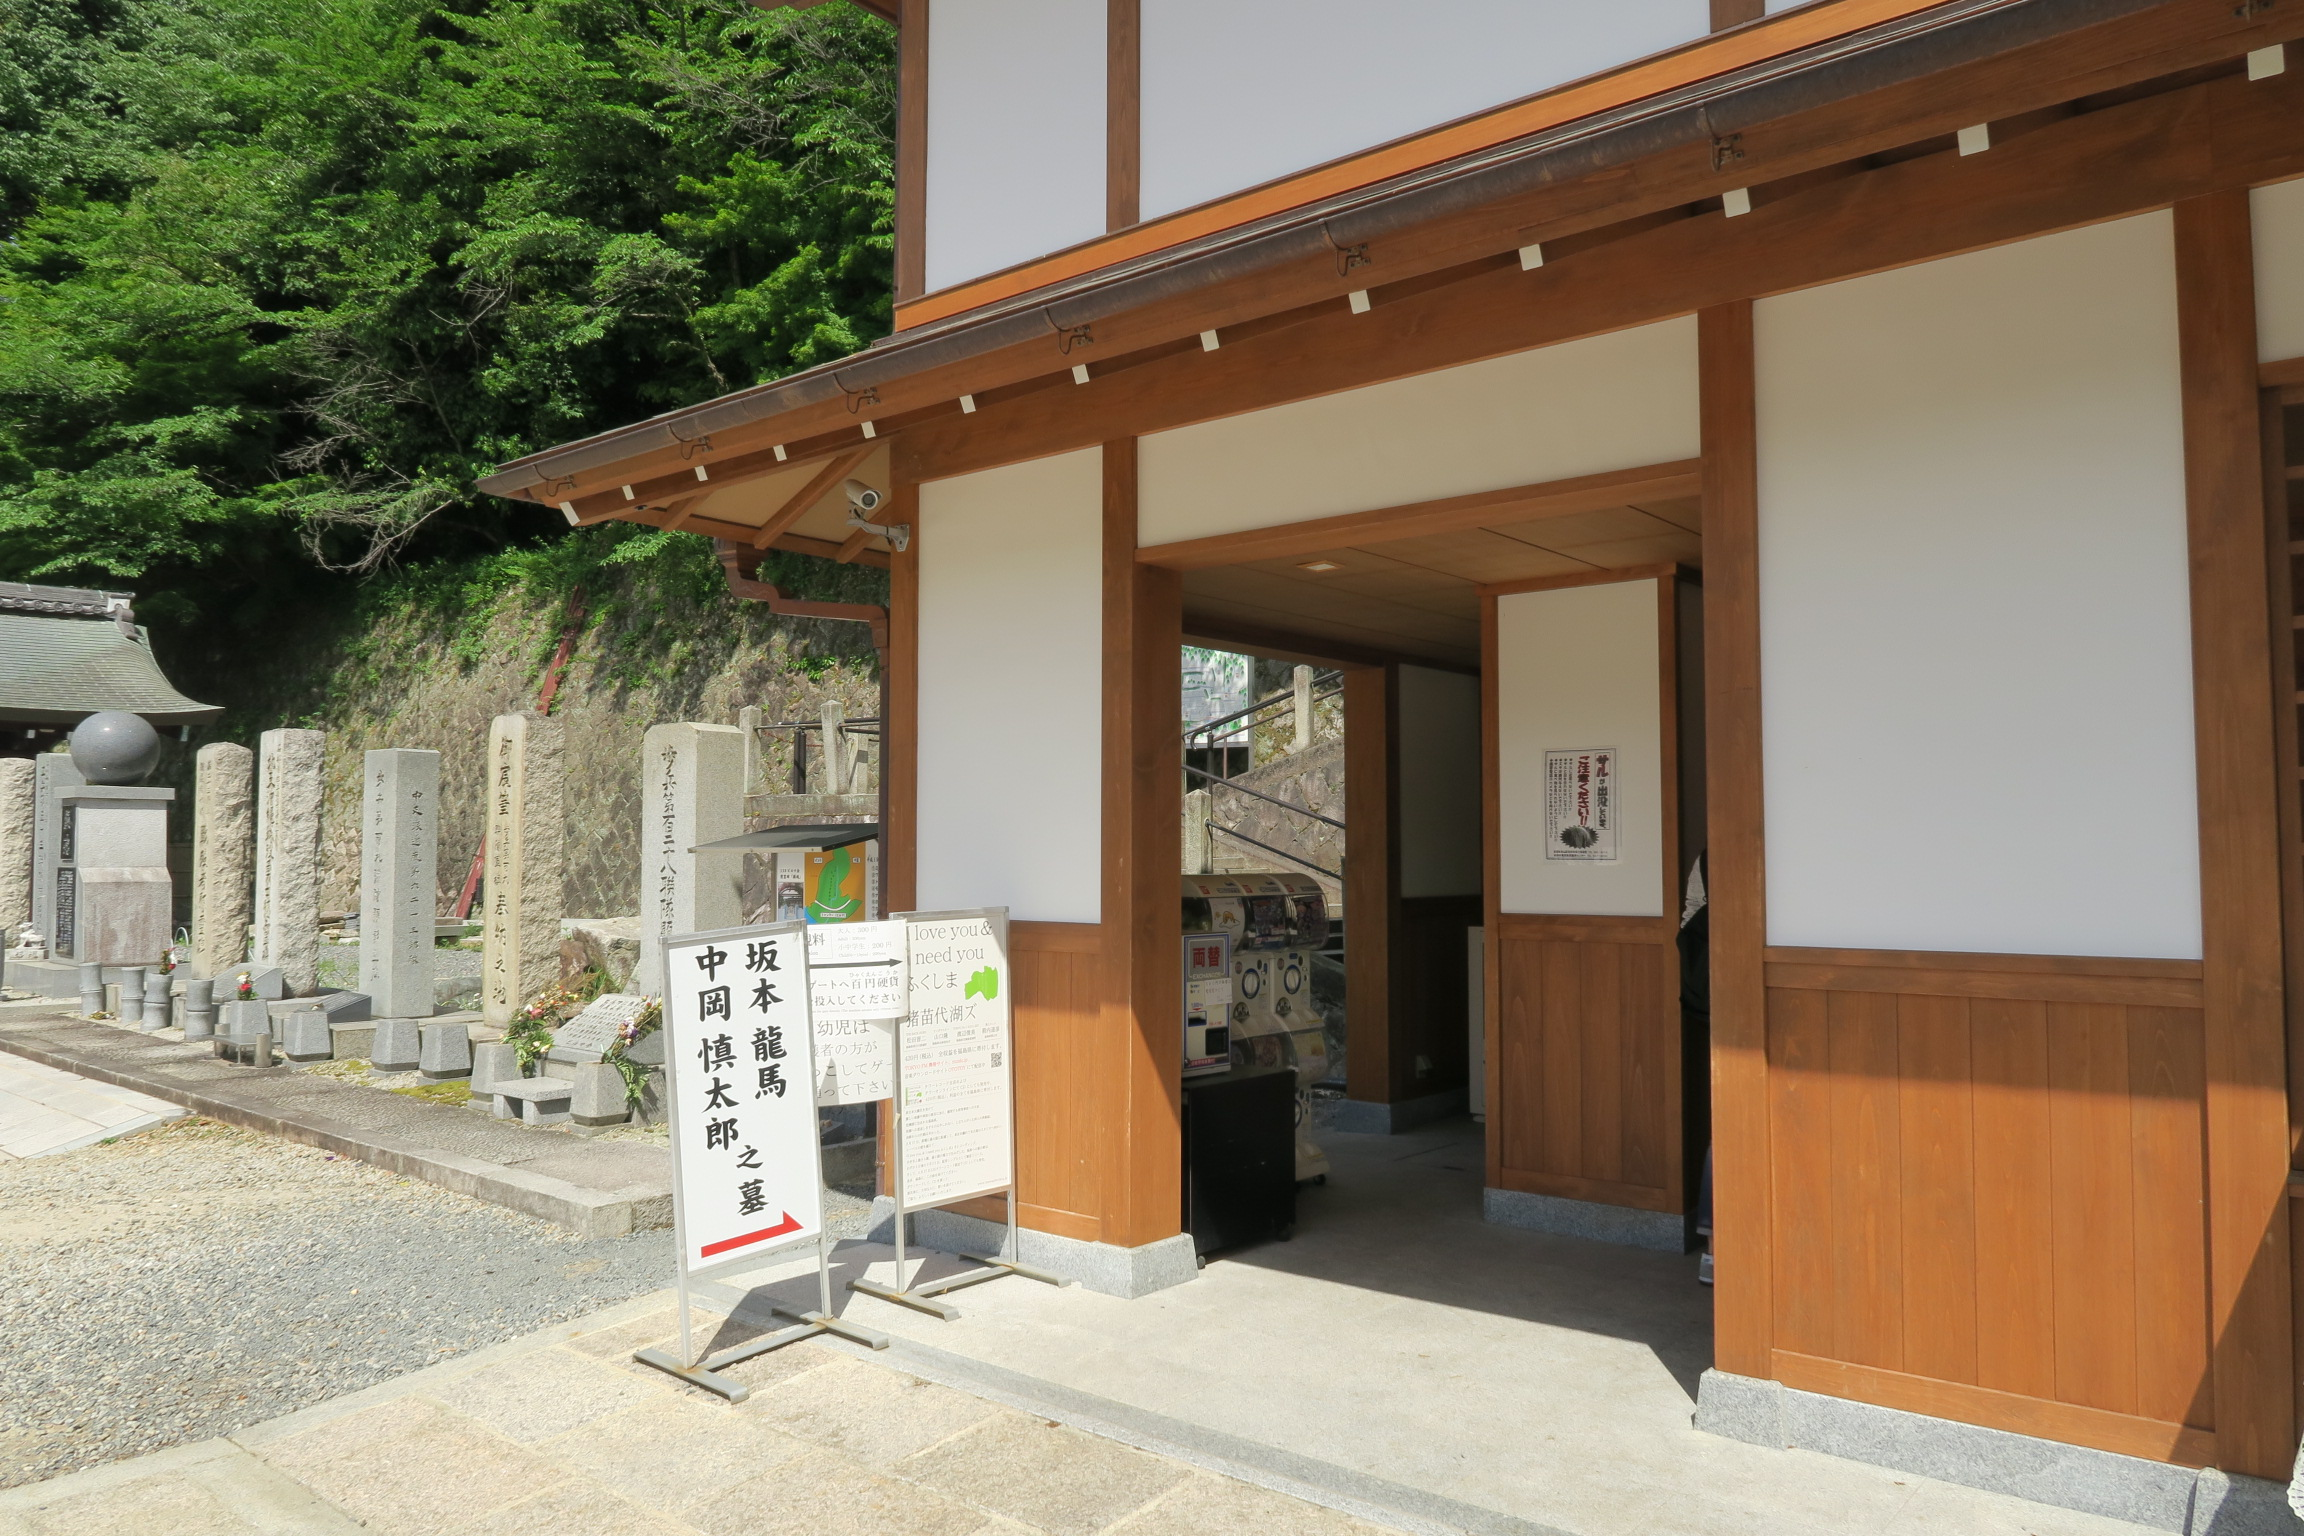 拝観料は300円。サルに注意の看板あり。